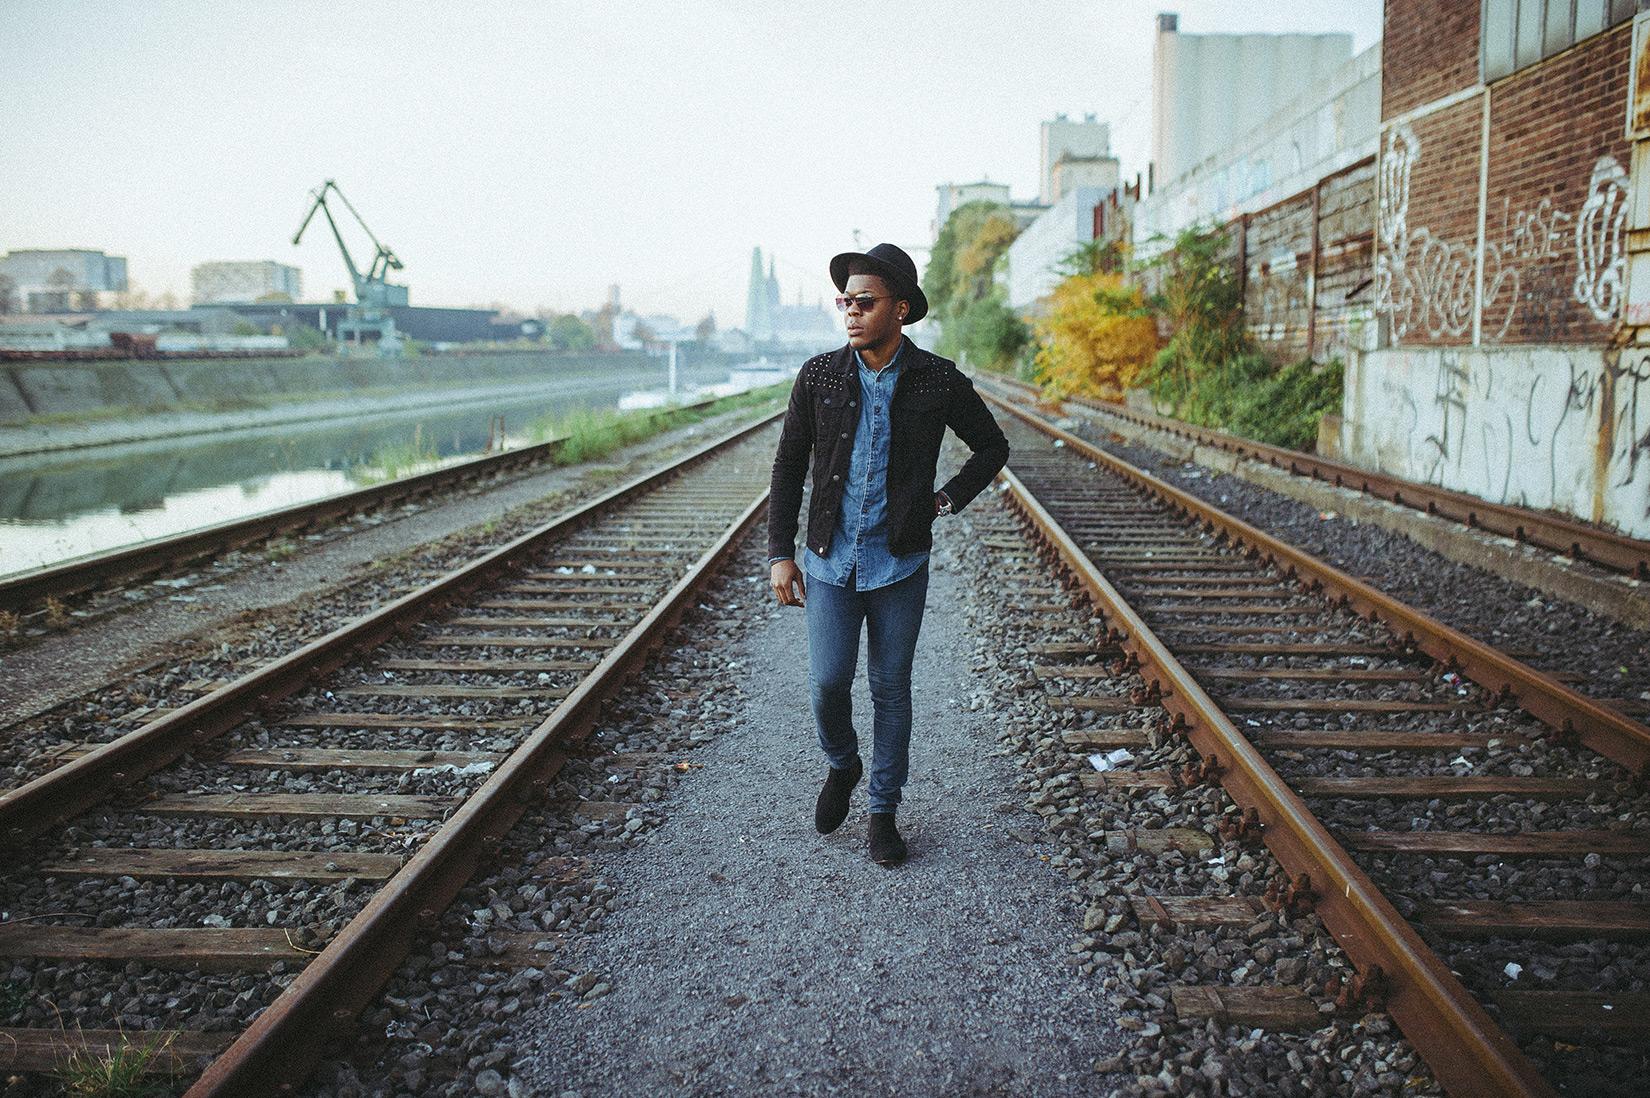 Billy im Walk zwischen zwei Bahngleisen